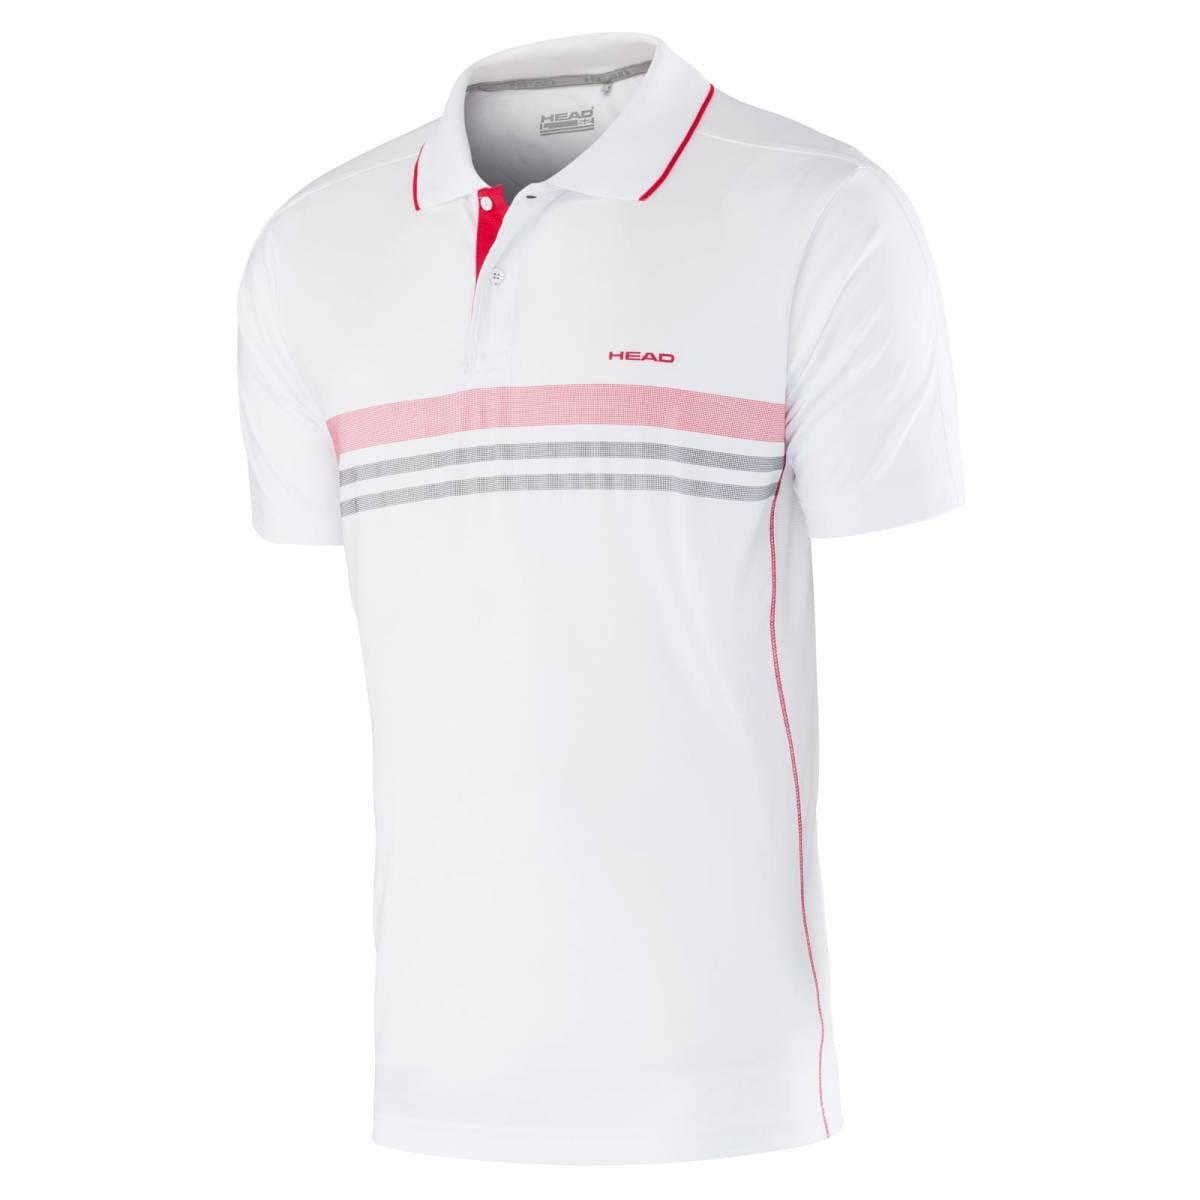 Head Club B Polo Shirt Technical - white/red